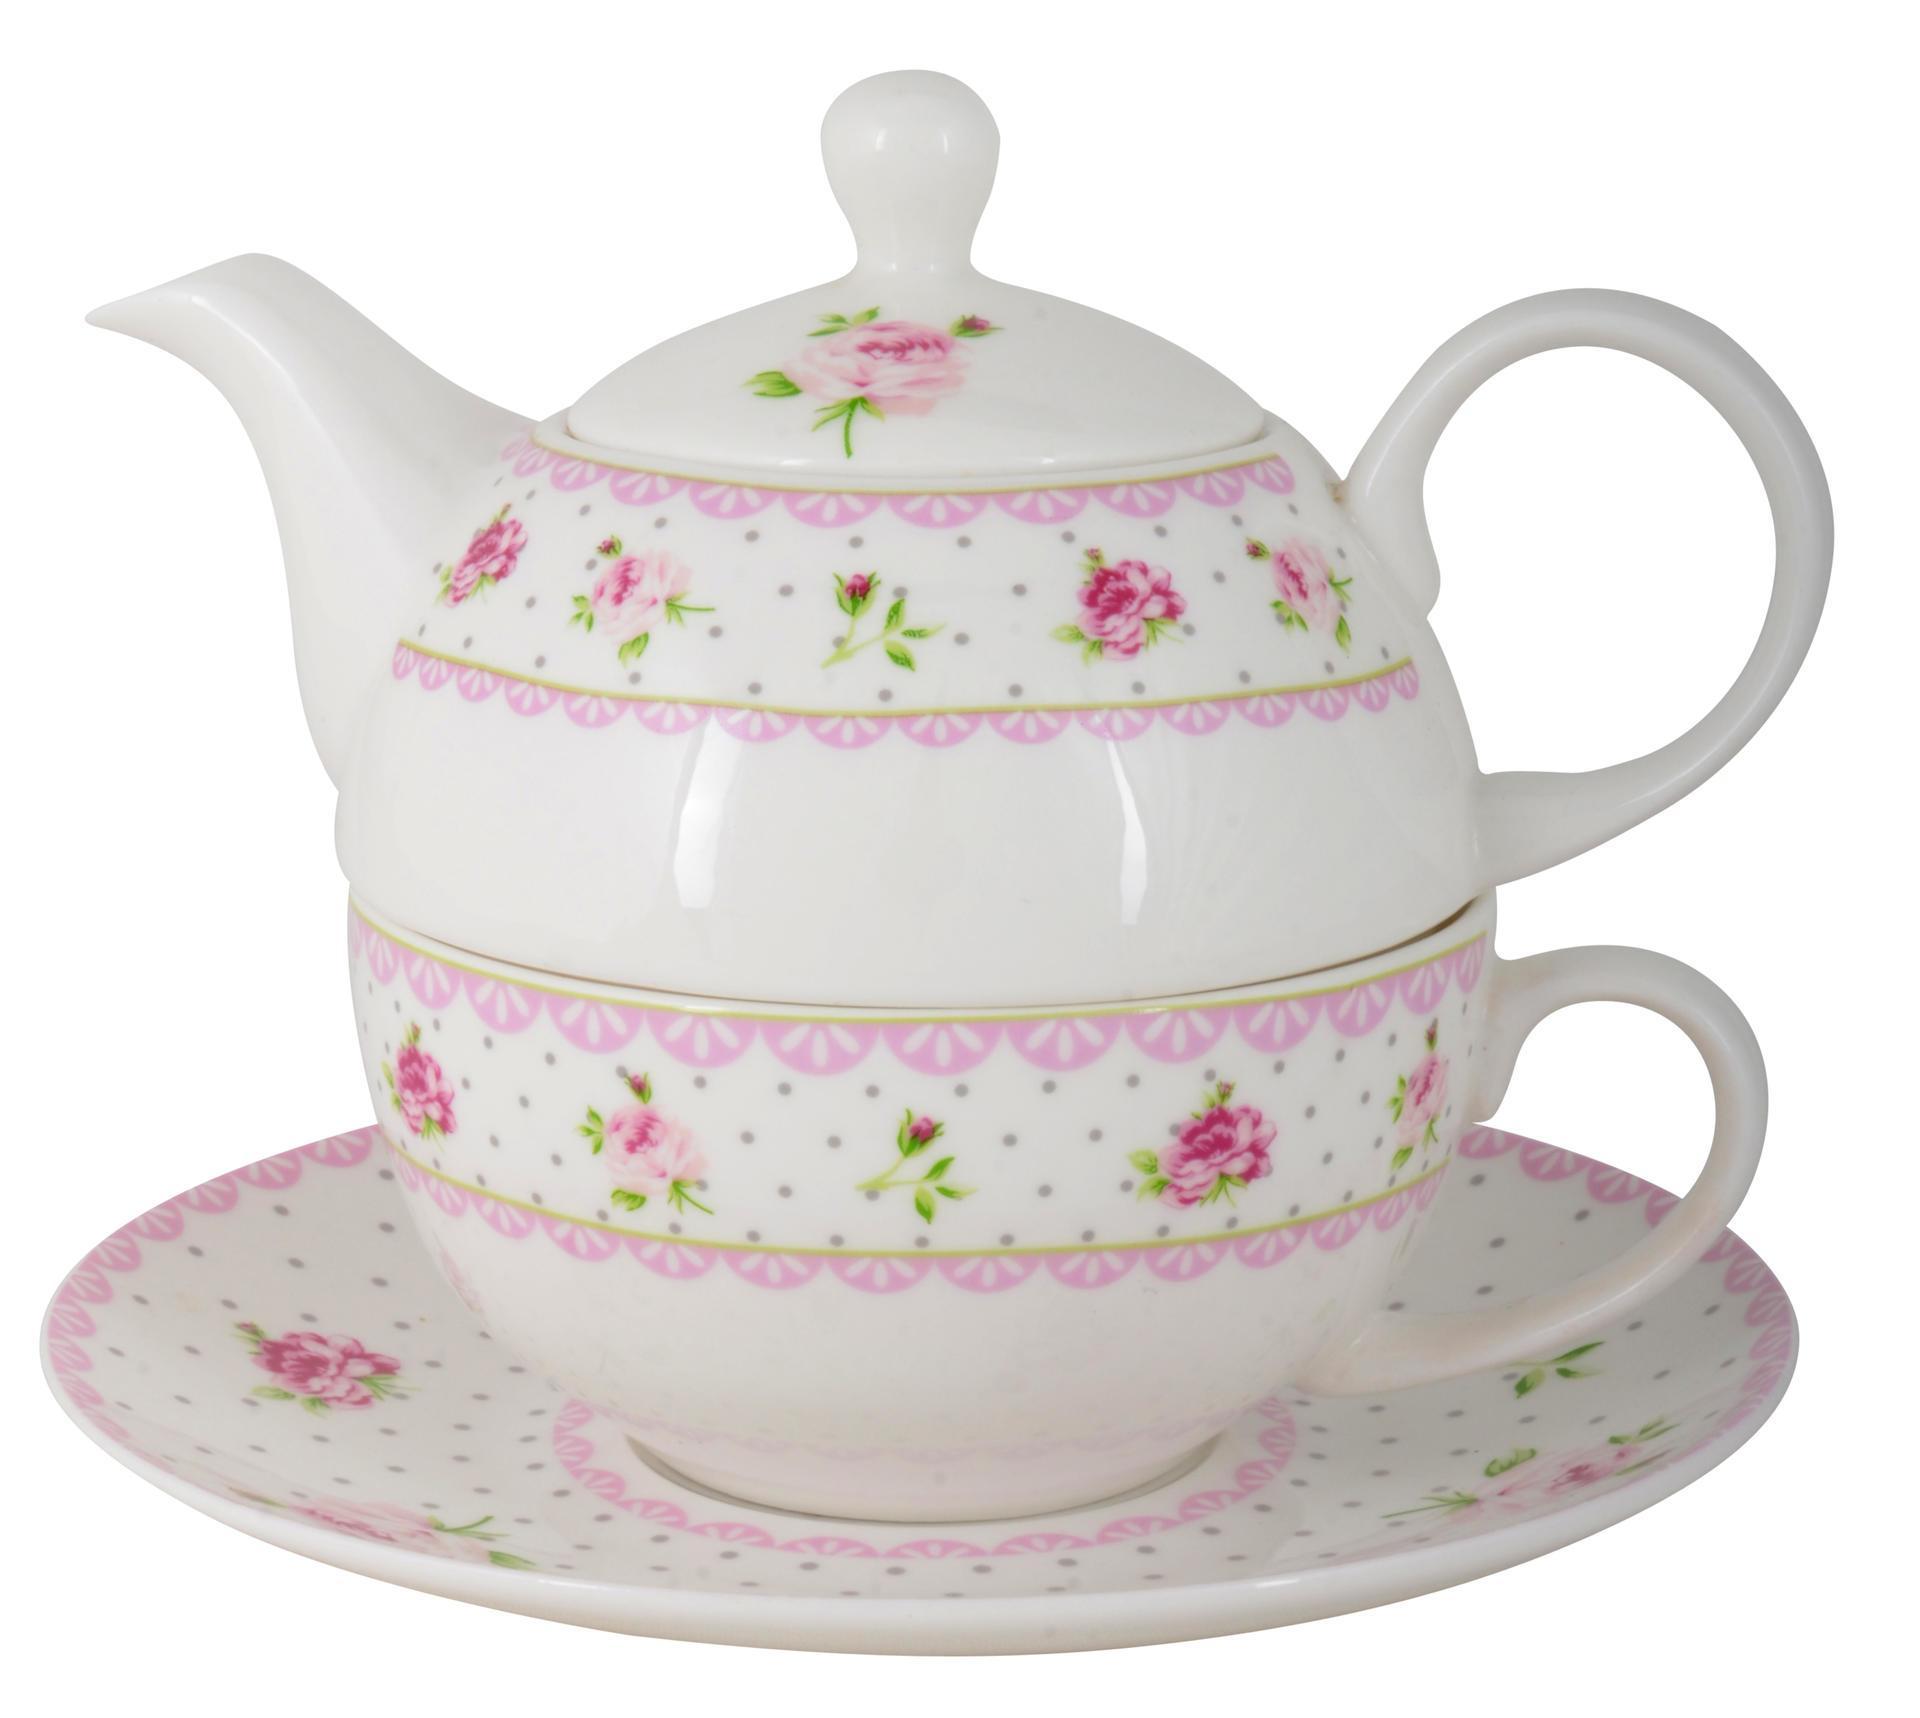 IB LAURSEN Šálek s podšálkem a čajová konvička Cottage rose, bílá barva, porcelán